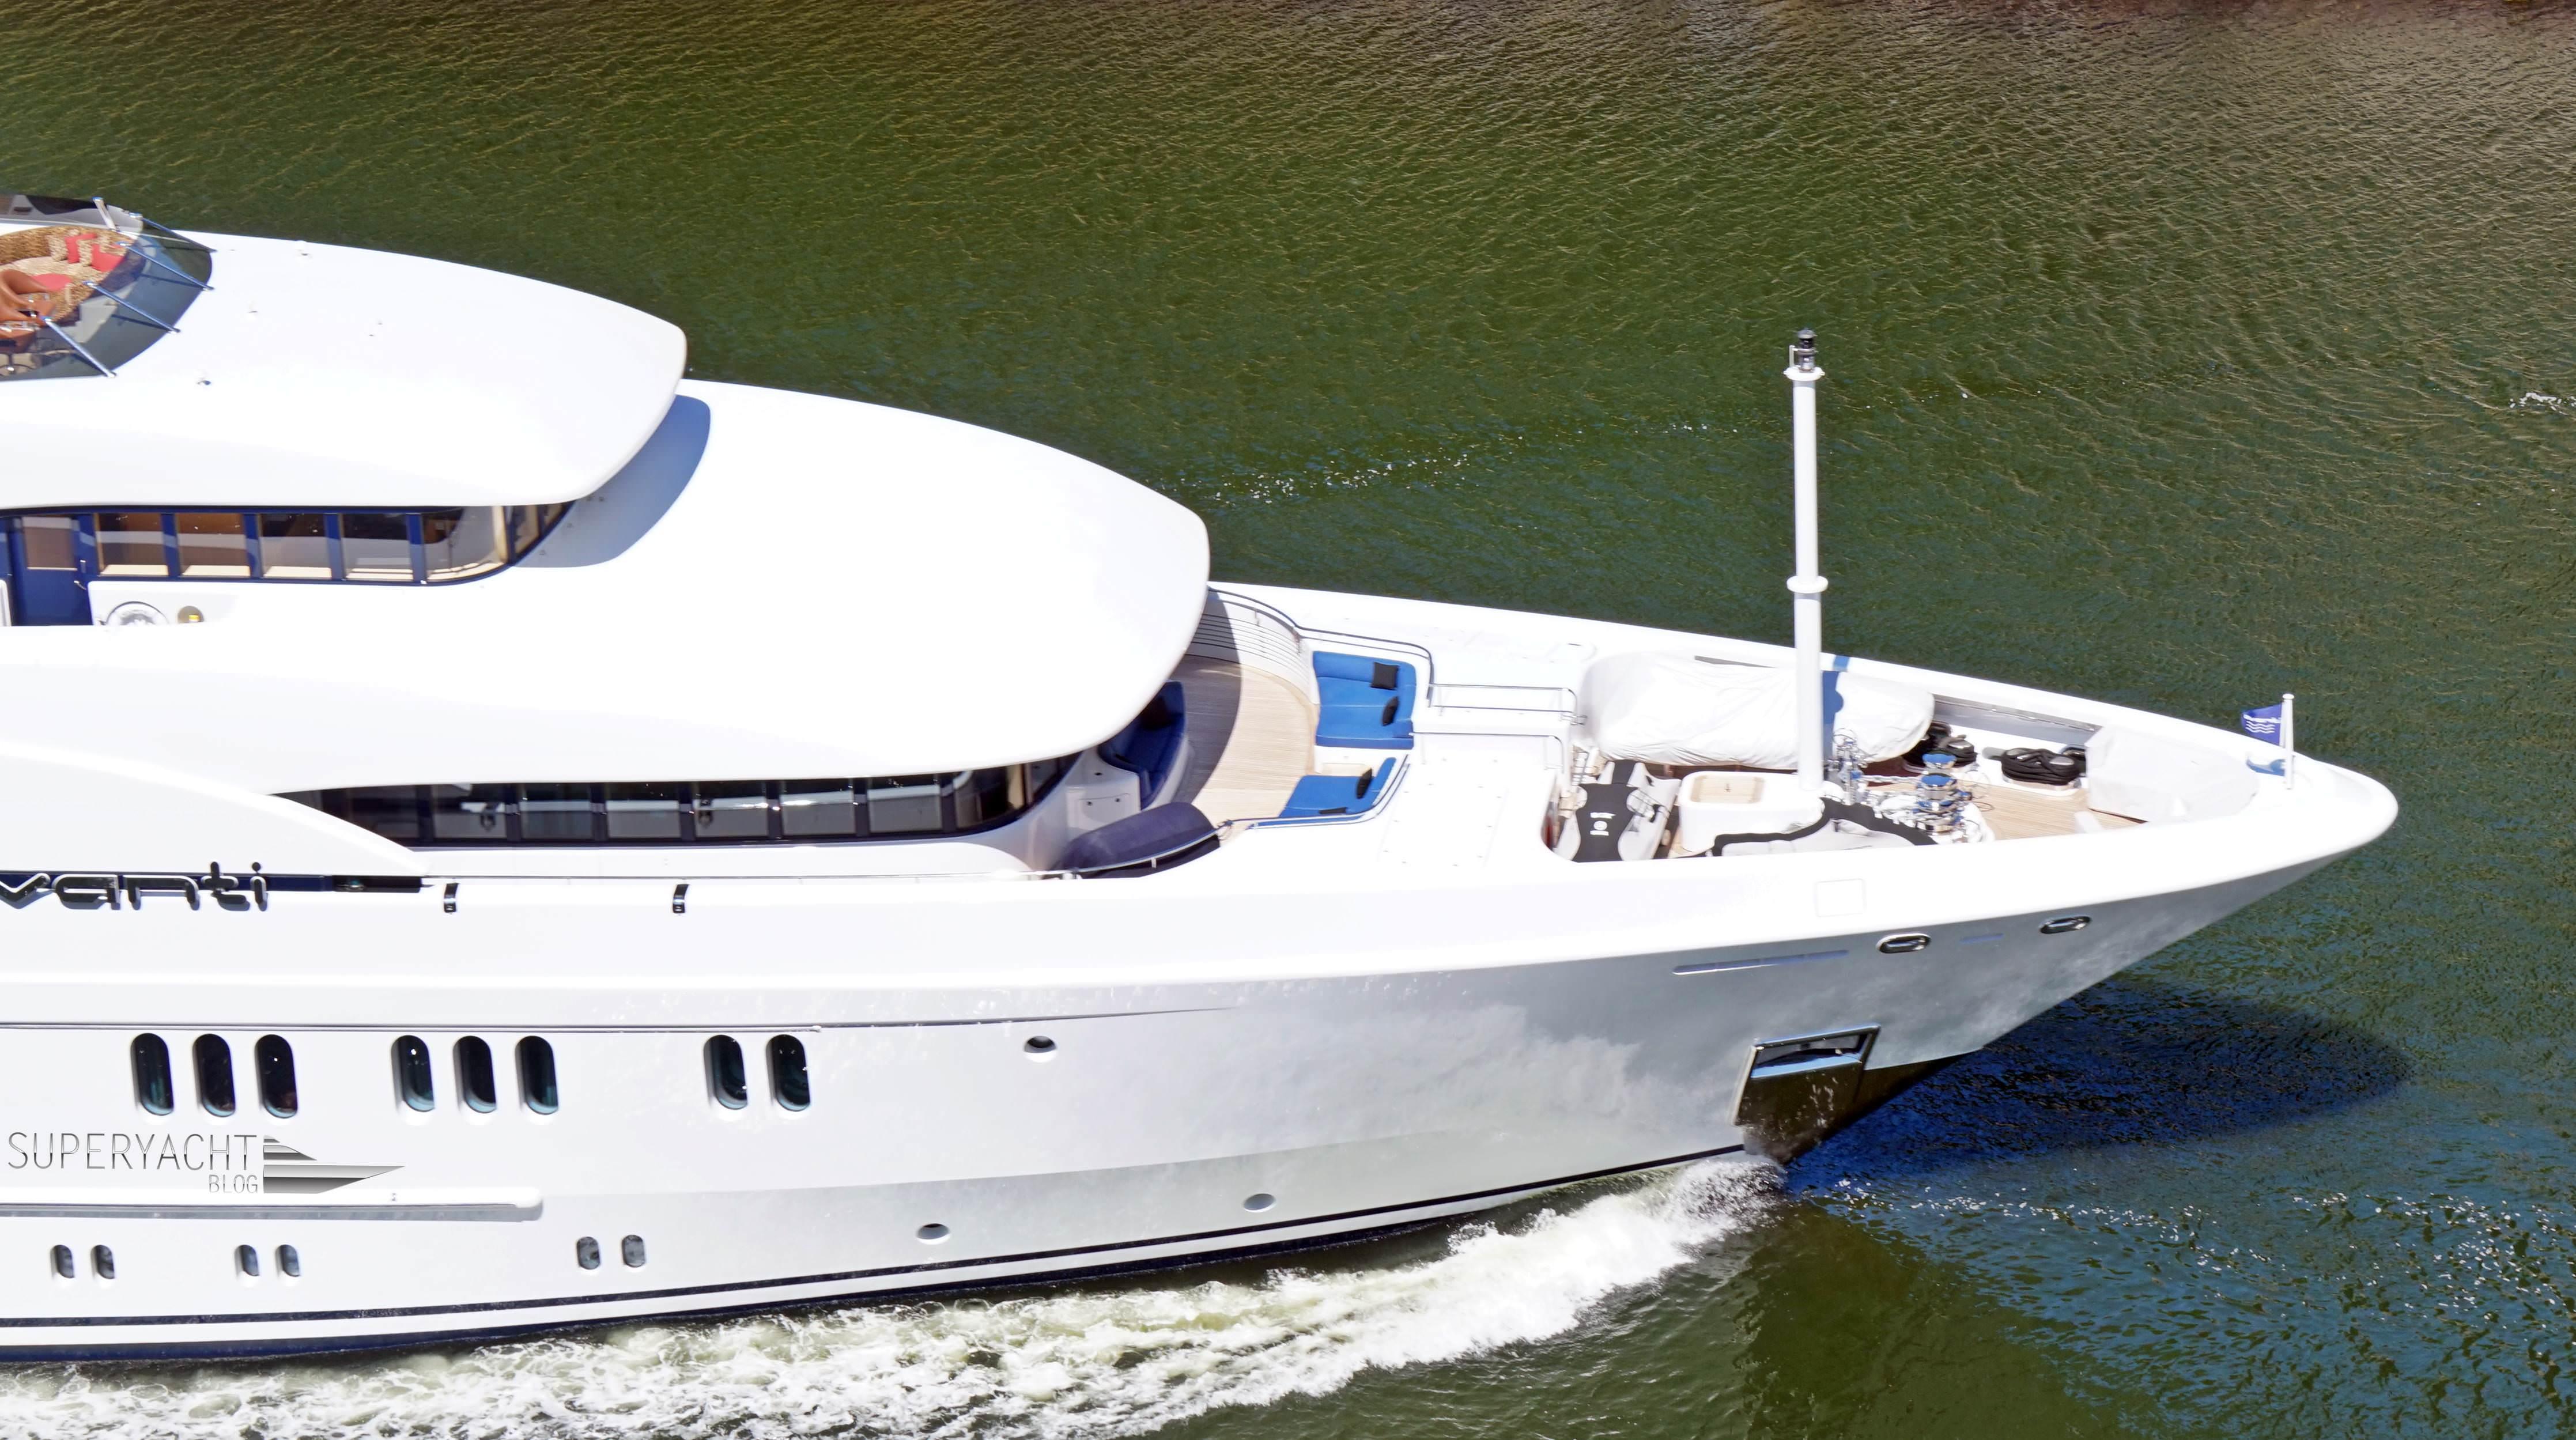 Avanti Lürssen Superyacht Kiel Superyachtblog (3)